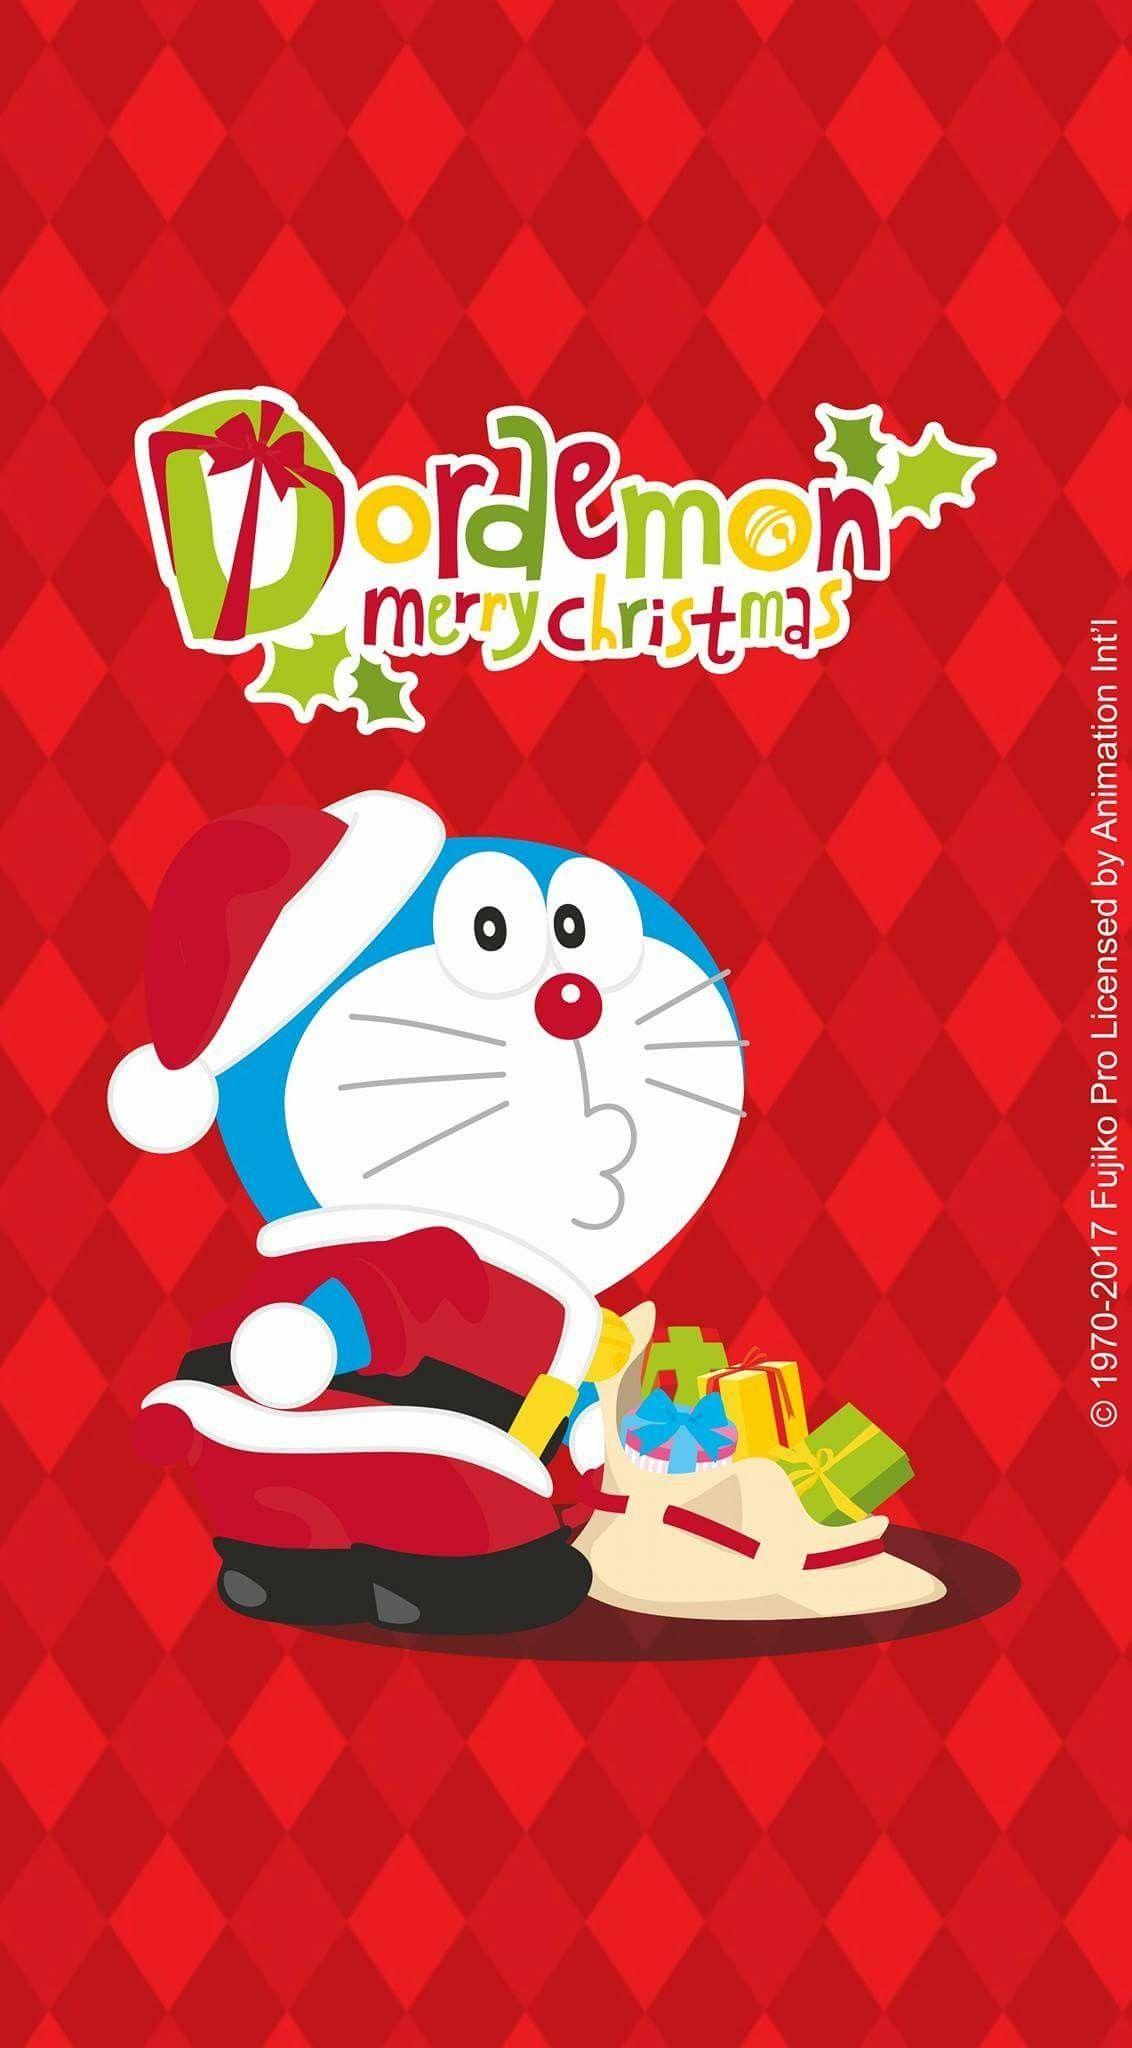 Doraemon / Merry Christmas Giáng sinh, Ảnh tường cho